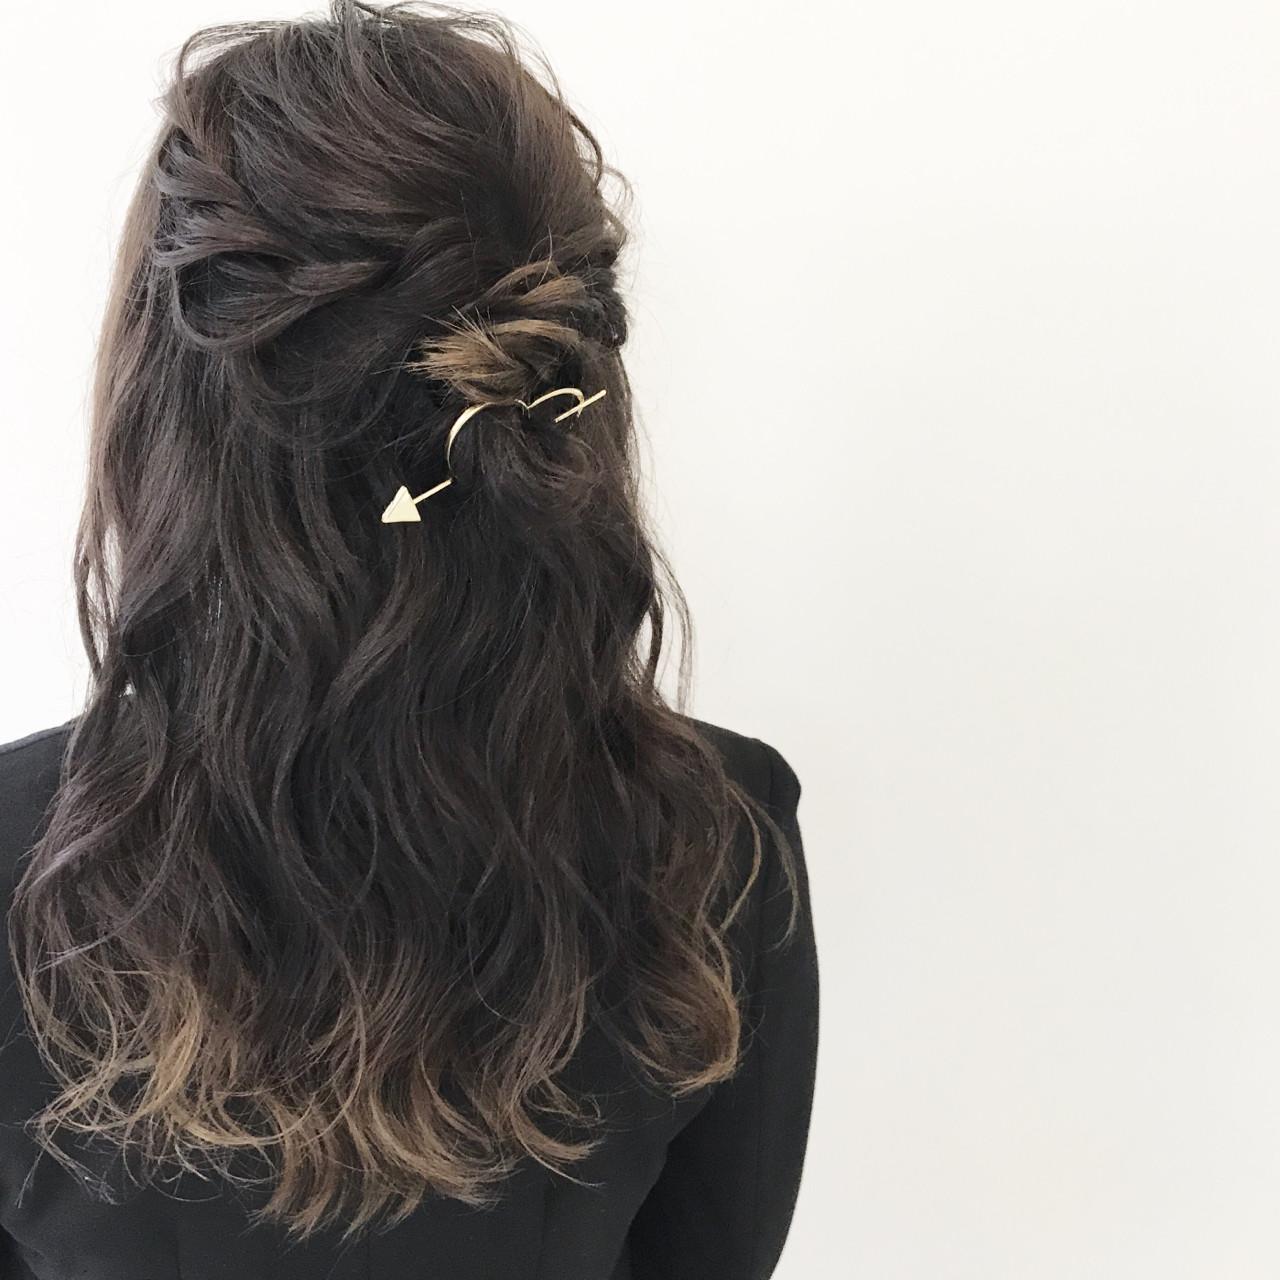 夏 色気 秋 ヘアアレンジ ヘアスタイルや髪型の写真・画像 | 新谷 朋宏 / Free hairstylist shinya